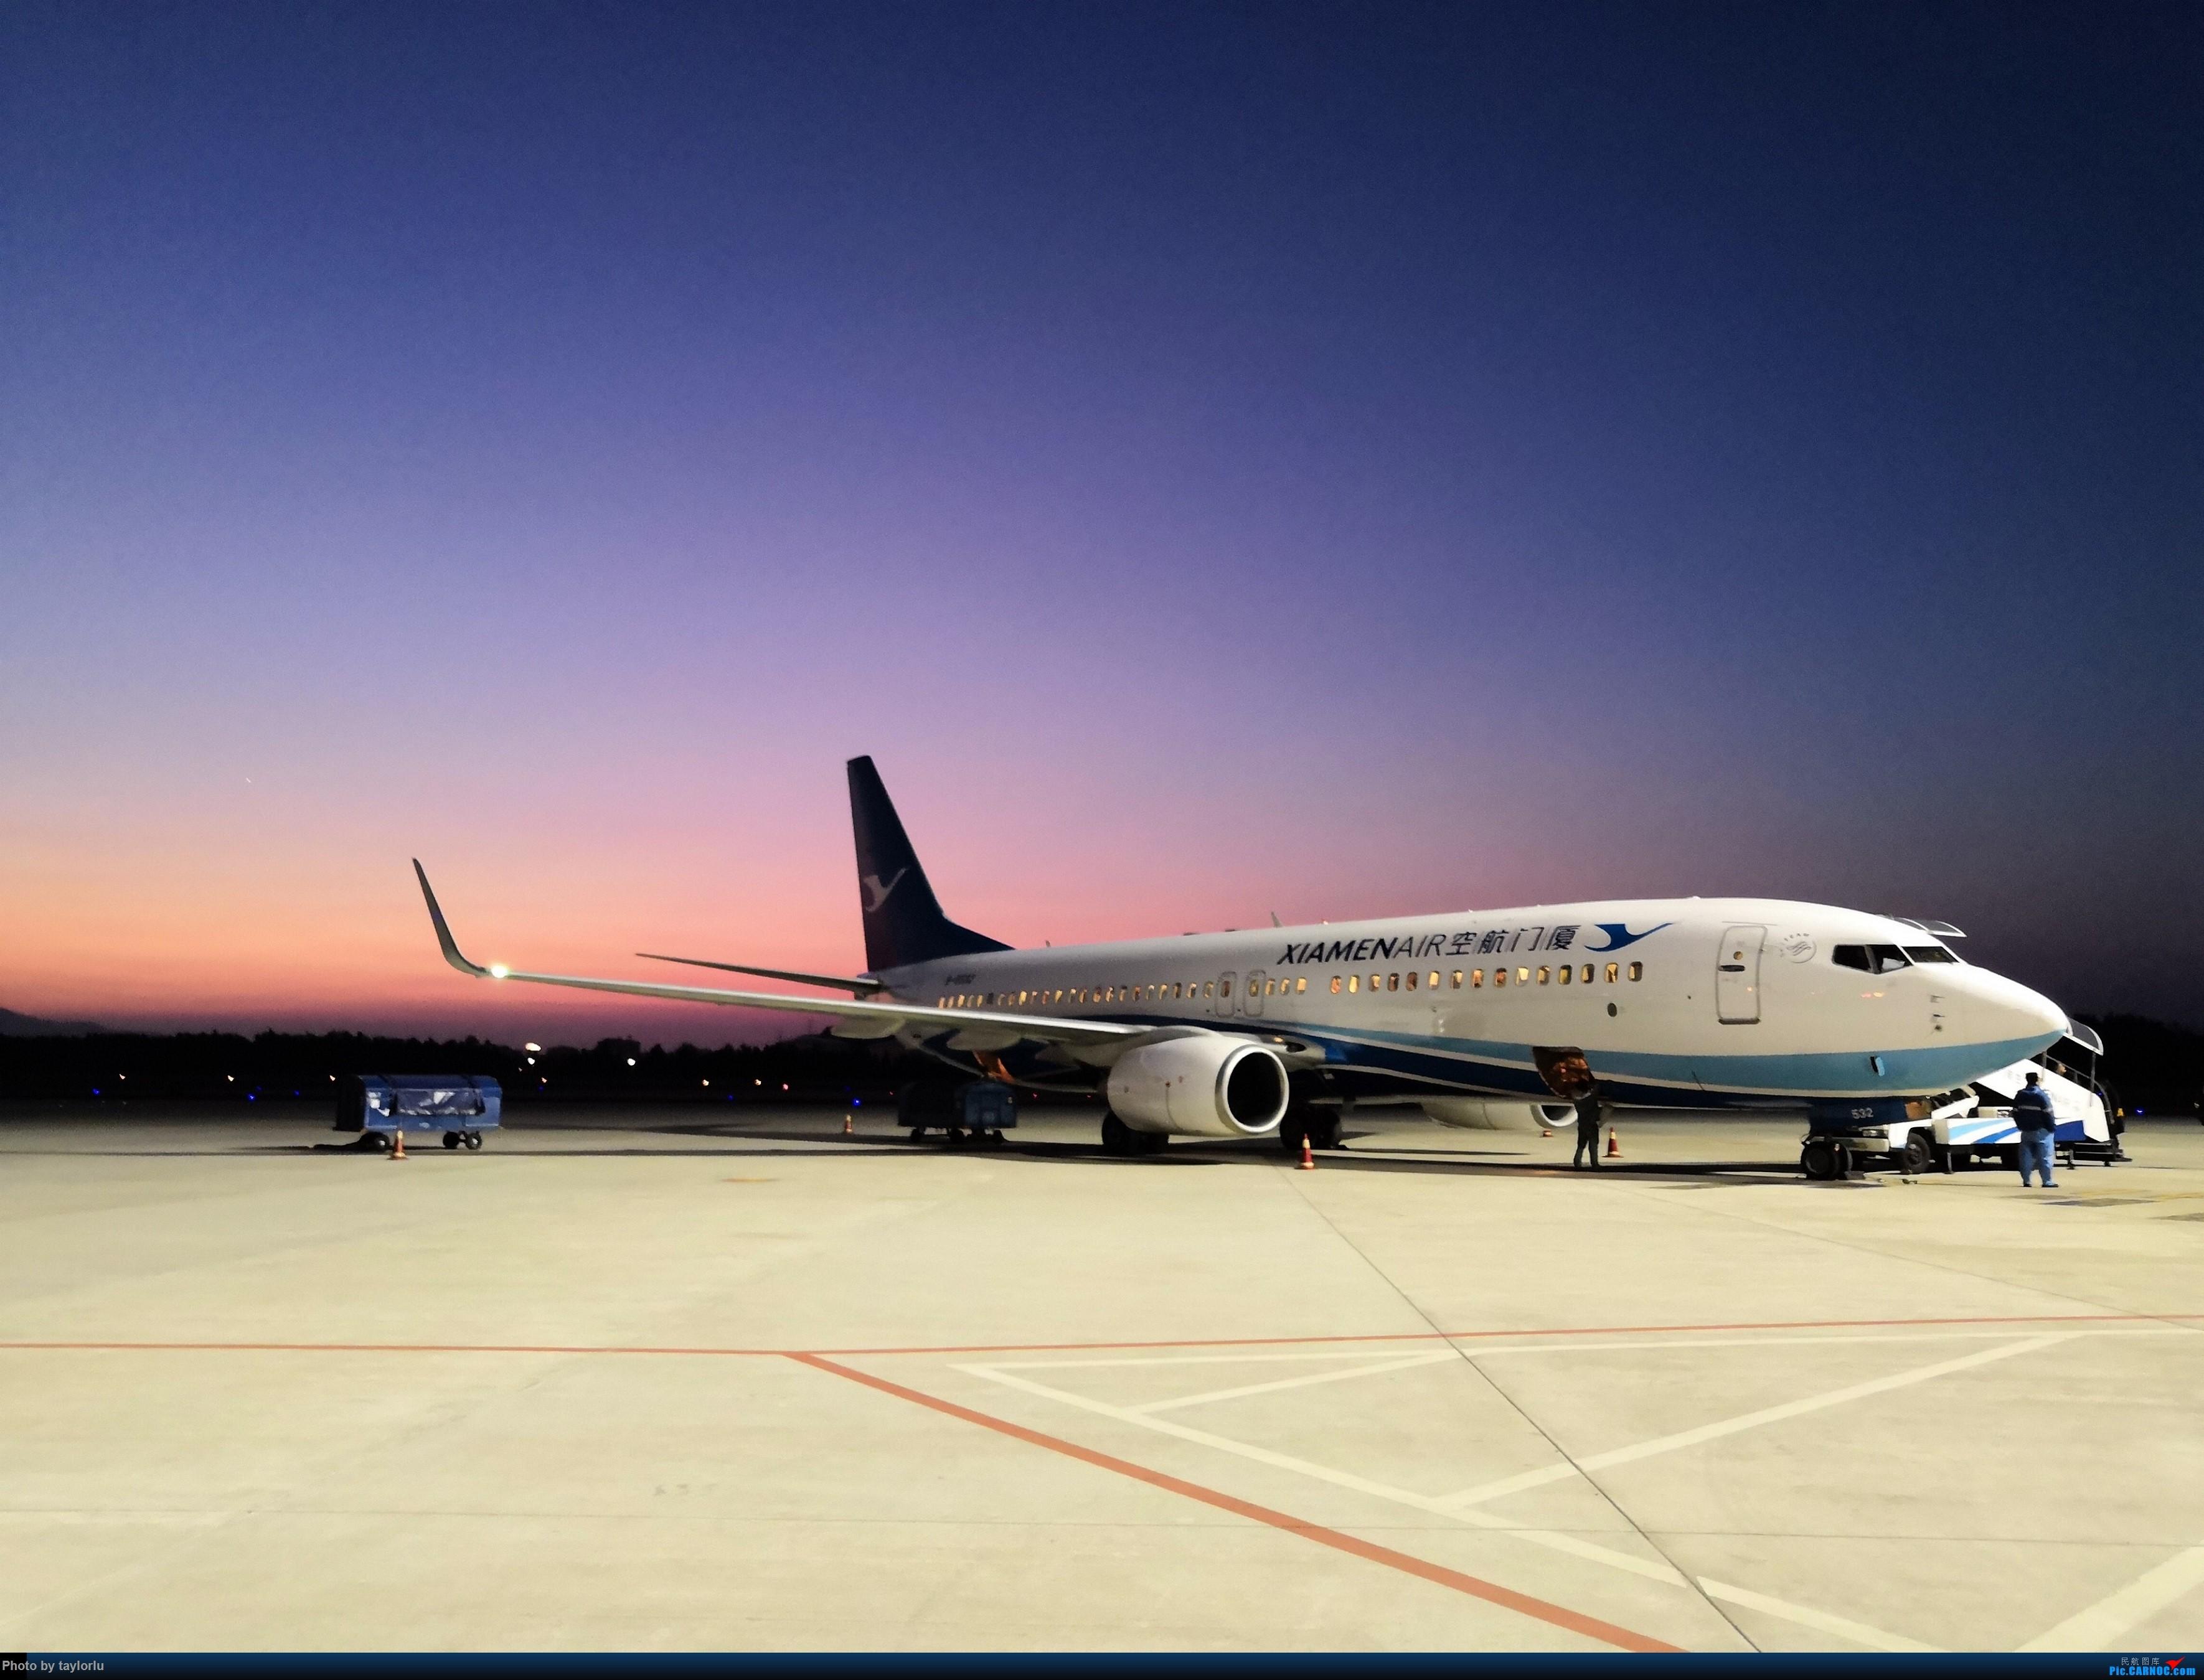 假冒一图党--福州+厦航+日落 BOEING 737-800 B-8532 中国福州长乐国际机场